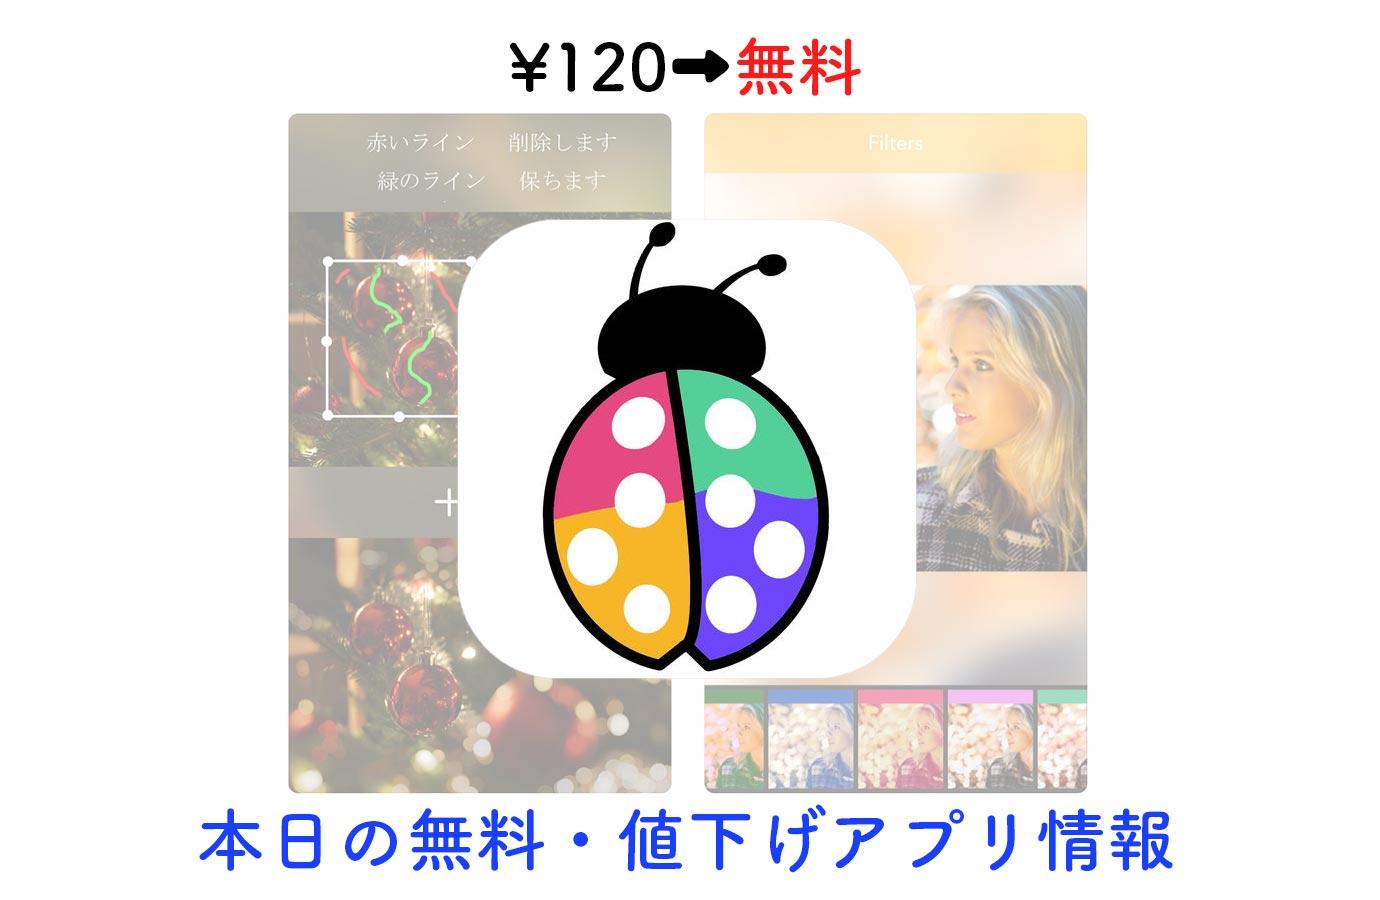 ¥120→無料、ボケ効果で写真を幻想的な雰囲気にできる「Speckle」など【1/21】本日の無料・値下げアプリ情報